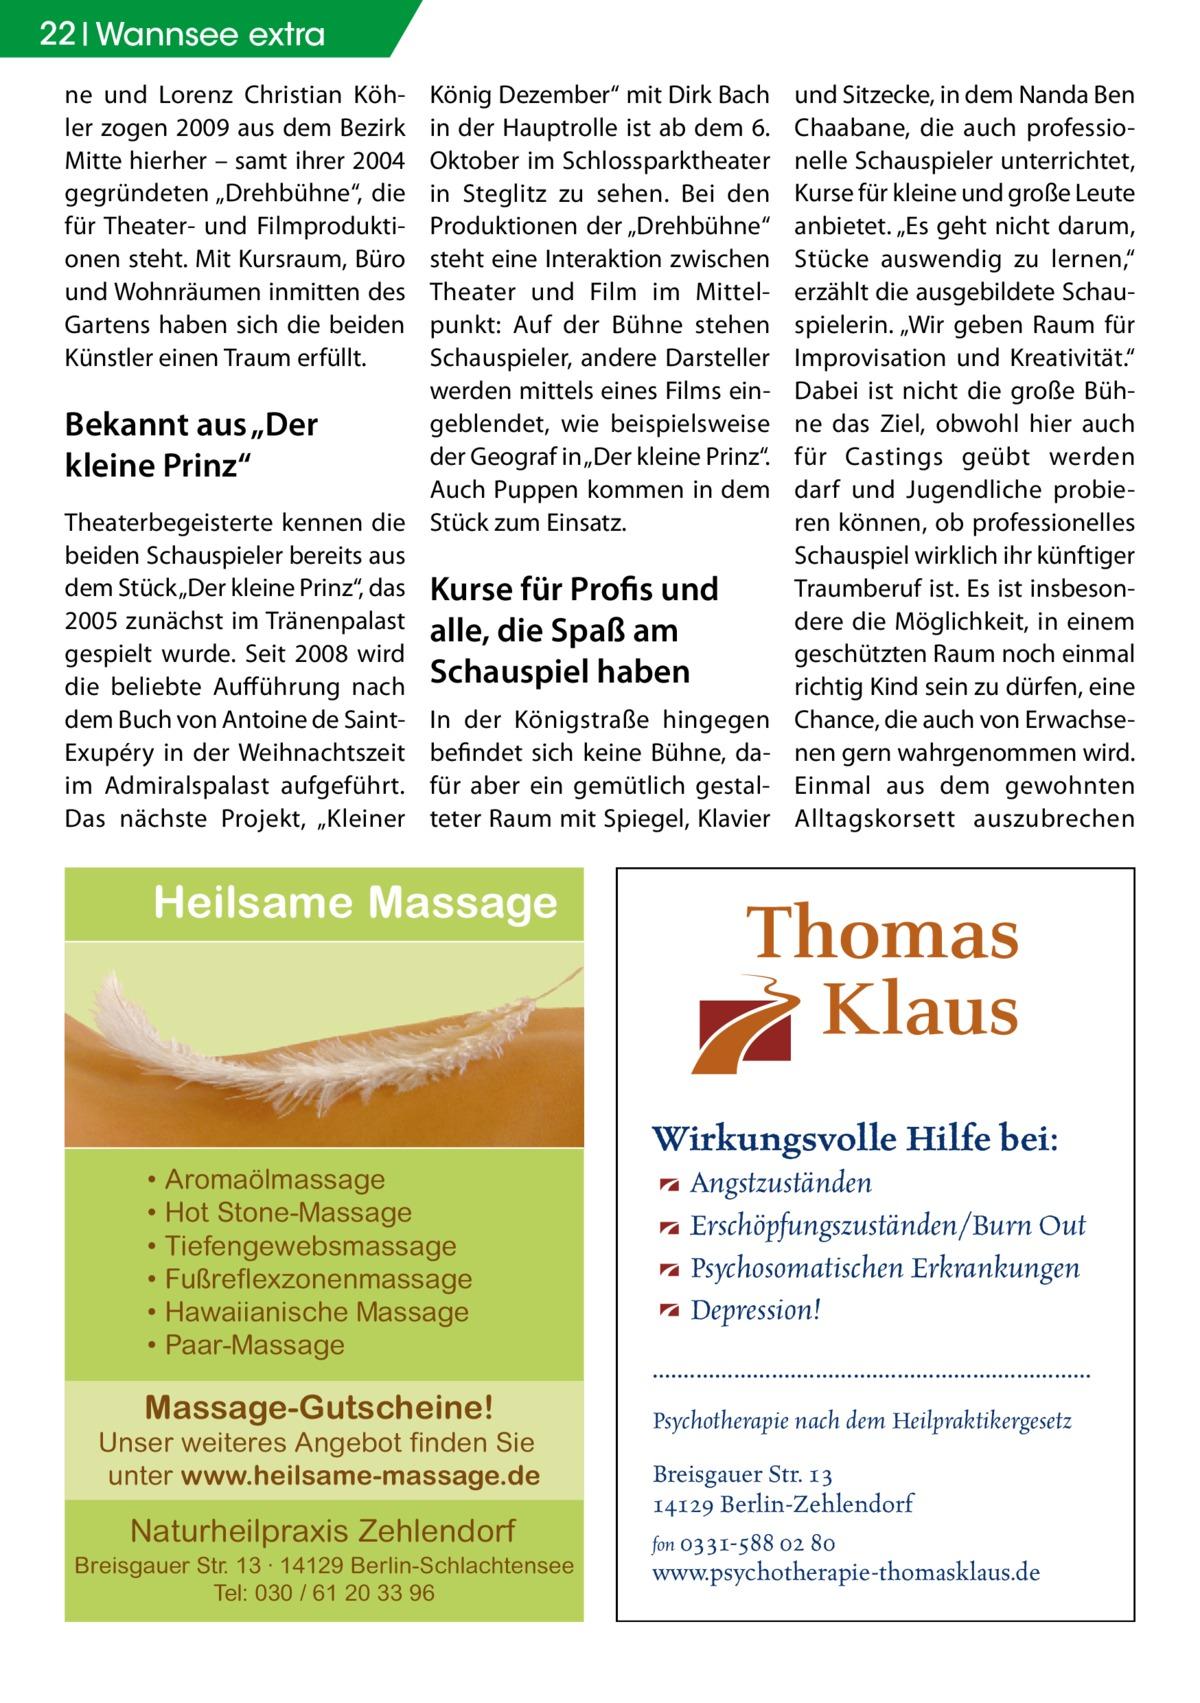 """22 Wannsee extra ne und Lorenz Christian Köhler zogen 2009 aus dem Bezirk Mitte hierher – samt ihrer 2004 gegründeten """"Drehbühne"""", die für Theater- und Filmproduktionen steht. Mit Kursraum, Büro und Wohnräumen inmitten des Gartens haben sich die beiden Künstler einen Traum erfüllt.  König Dezember"""" mit Dirk Bach in der Hauptrolle ist ab dem 6. Oktober im Schlossparktheater in Steglitz zu sehen. Bei den Produktionen der """"Drehbühne"""" steht eine Interaktion zwischen Theater und Film im Mittelpunkt: Auf der Bühne stehen Schauspieler, andere Darsteller werden mittels eines Films eingeblendet, wie beispielsweise Bekannt aus """"Der der Geograf in """"Der kleine Prinz"""". kleine Prinz"""" Auch Puppen kommen in dem Theaterbegeisterte kennen die Stück zum Einsatz. beiden Schauspieler bereits aus dem Stück """"Der kleine Prinz"""", das Kurse für Profis und 2005 zunächst im Tränenpalast alle, die Spaß am gespielt wurde. Seit 2008 wird die beliebte Aufführung nach Schauspiel haben dem Buch von Antoine de Saint- In der Königstraße hingegen Exupéry in der Weihnachtszeit befindet sich keine Bühne, daim Admiralspalast aufgeführt. für aber ein gemütlich gestalDas nächste Projekt, """"Kleiner teter Raum mit Spiegel, Klavier  und Sitzecke, in dem Nanda Ben Chaabane, die auch professionelle Schauspieler unterrichtet, Kurse für kleine und große Leute anbietet. """"Es geht nicht darum, Stücke auswendig zu lernen,"""" erzählt die ausgebildete Schauspielerin. """"Wir geben Raum für Improvisation und Kreativität."""" Dabei ist nicht die große Bühne das Ziel, obwohl hier auch für Castings geübt werden darf und Jugendliche probieren können, ob professionelles Schauspiel wirklich ihr künftiger Traumberuf ist. Es ist insbesondere die Möglichkeit, in einem geschützten Raum noch einmal richtig Kind sein zu dürfen, eine Chance, die auch von Erwachsenen gern wahrgenommen wird. Einmal aus dem gewohnten Alltagskorsett auszubrechen  Heilsame Massage  Wirkungsvolle Hilfe bei: • Aromaölmassage • Hot Stone-Massage • Tiefengewebsmassage """